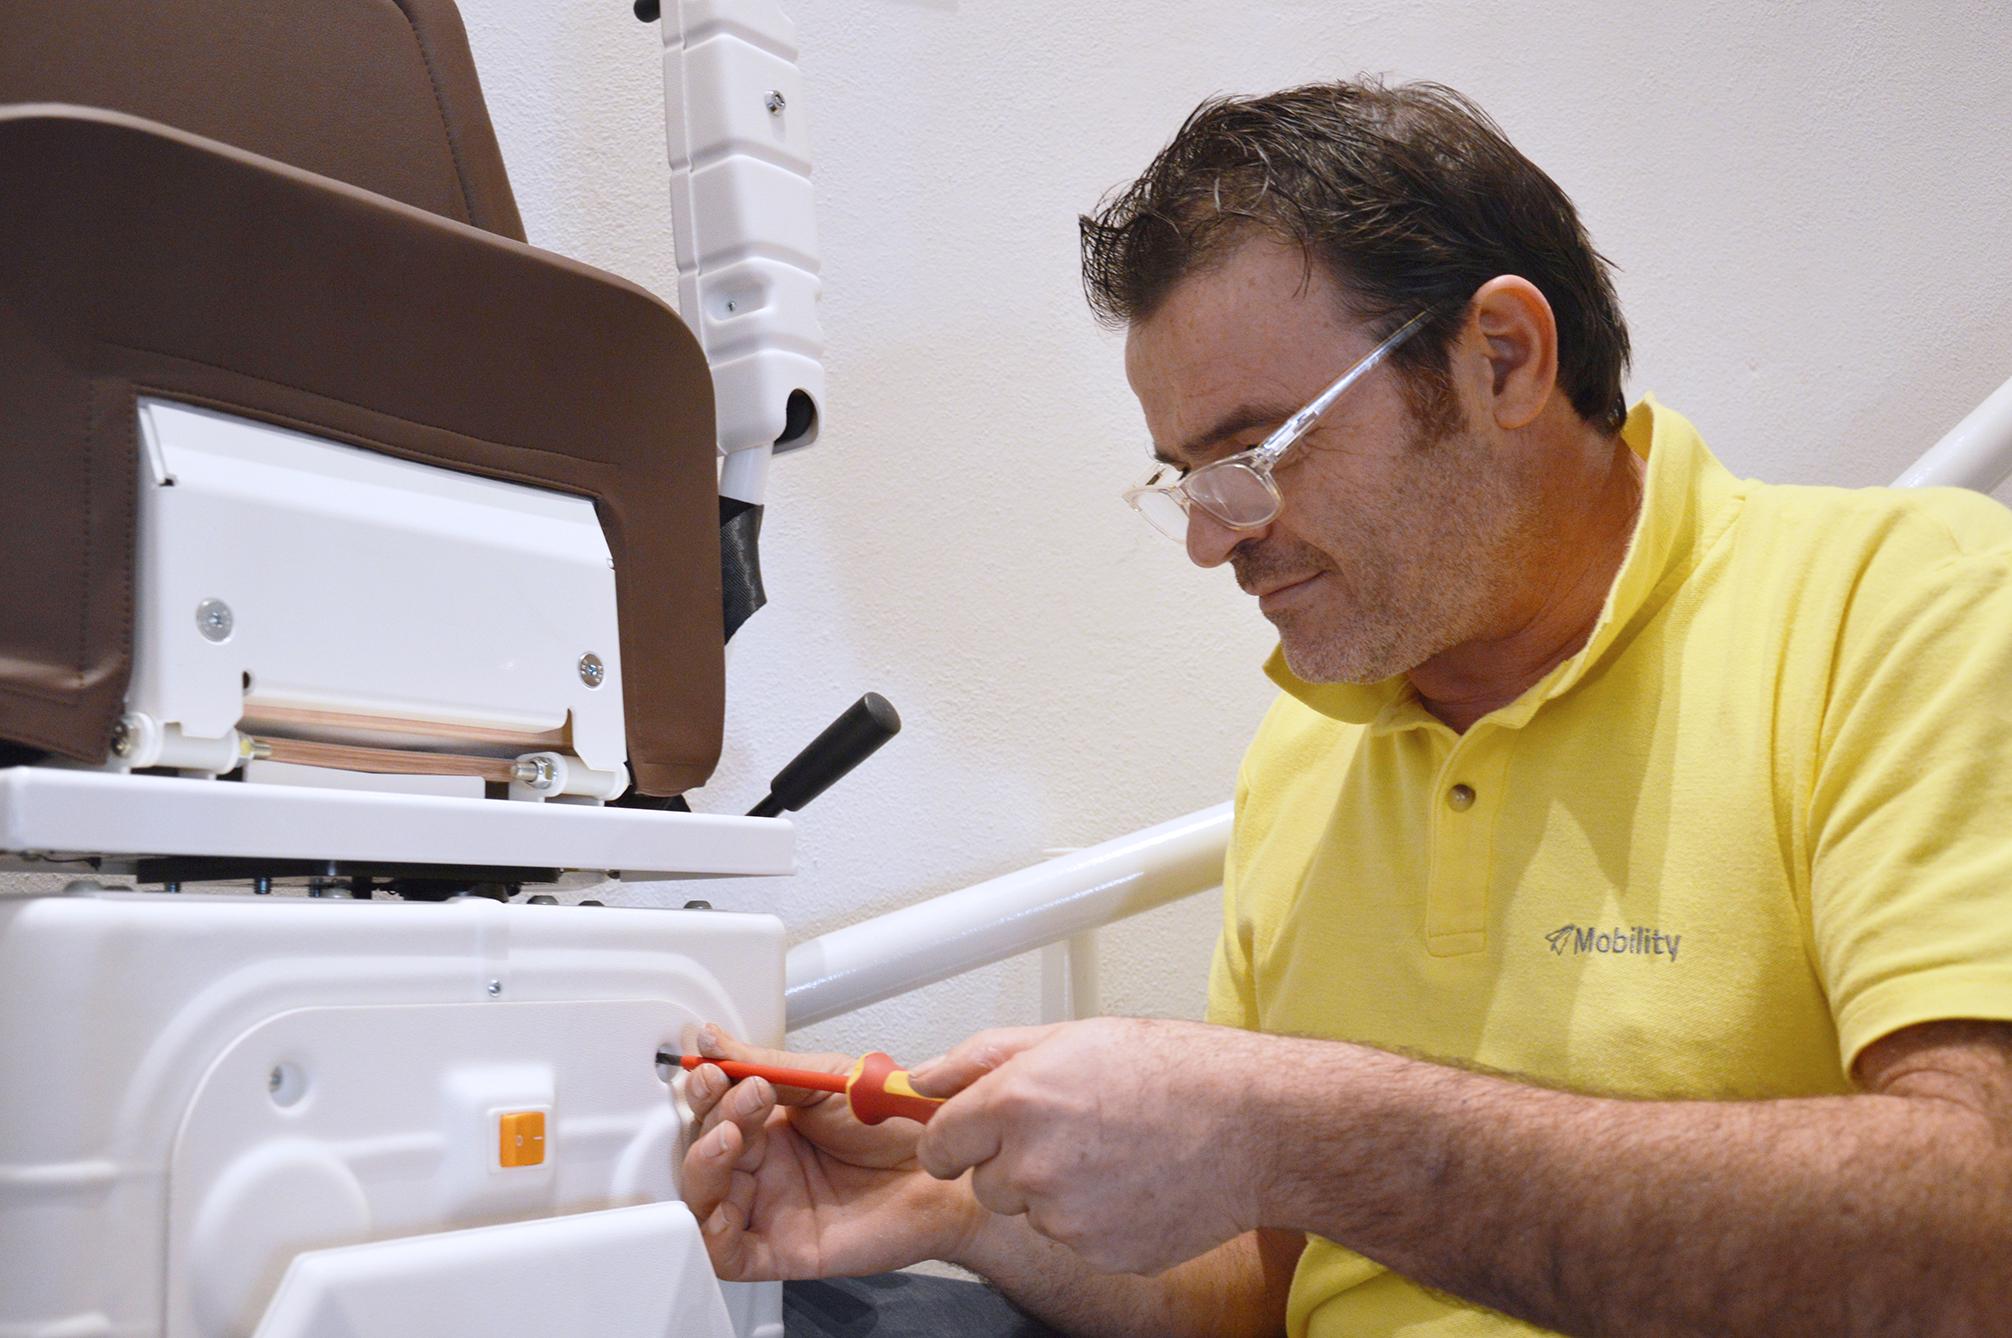 tecnico mobility mentre installa un montascale a poltroncina